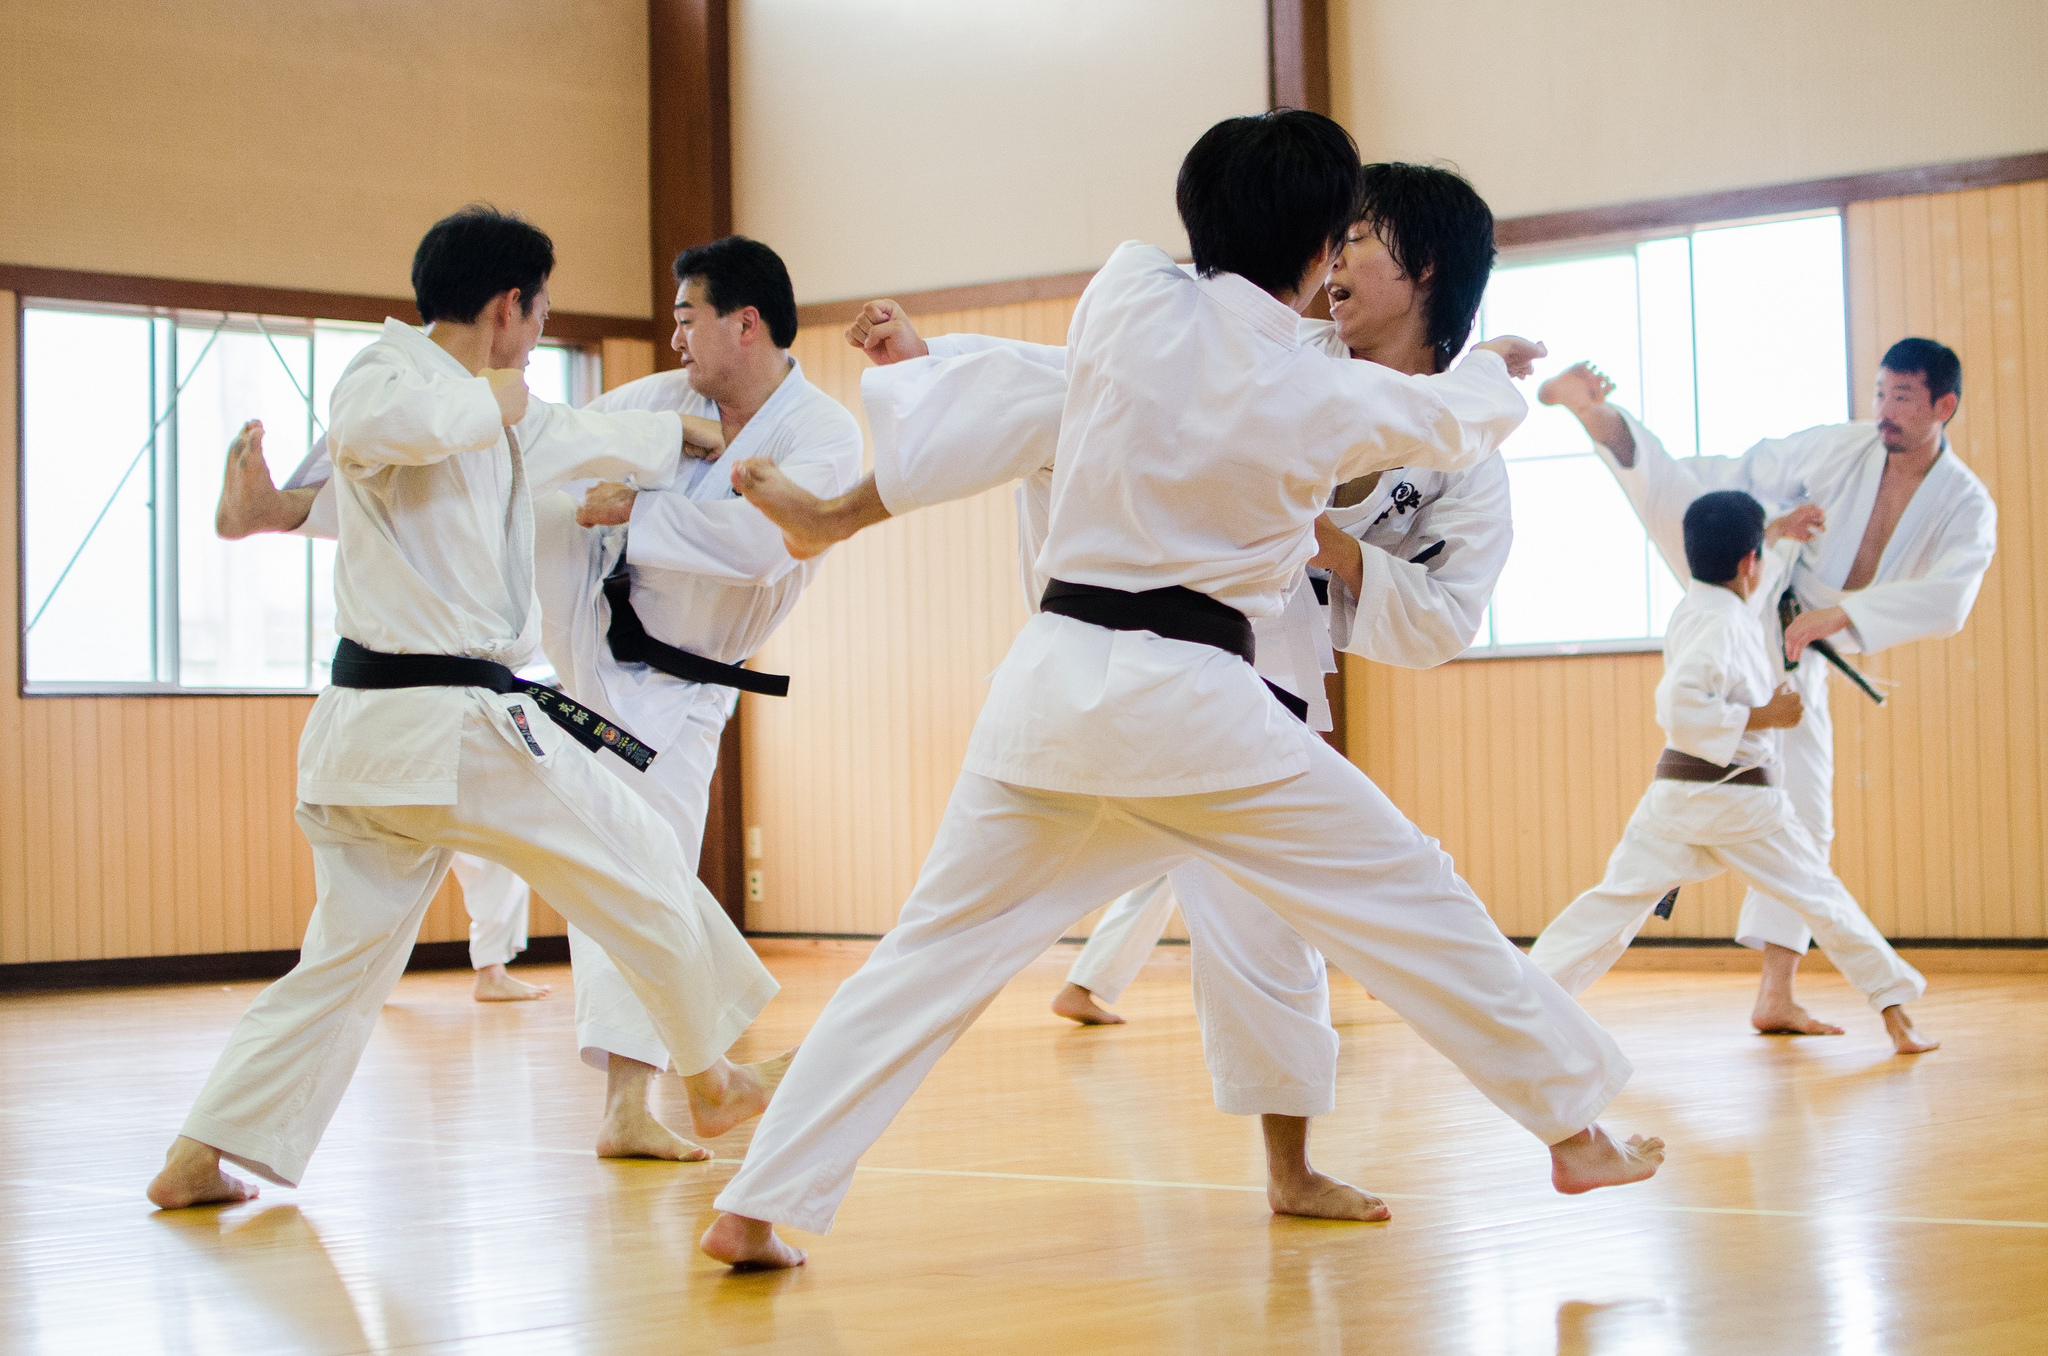 Karate | © Ikusuki/Flickr